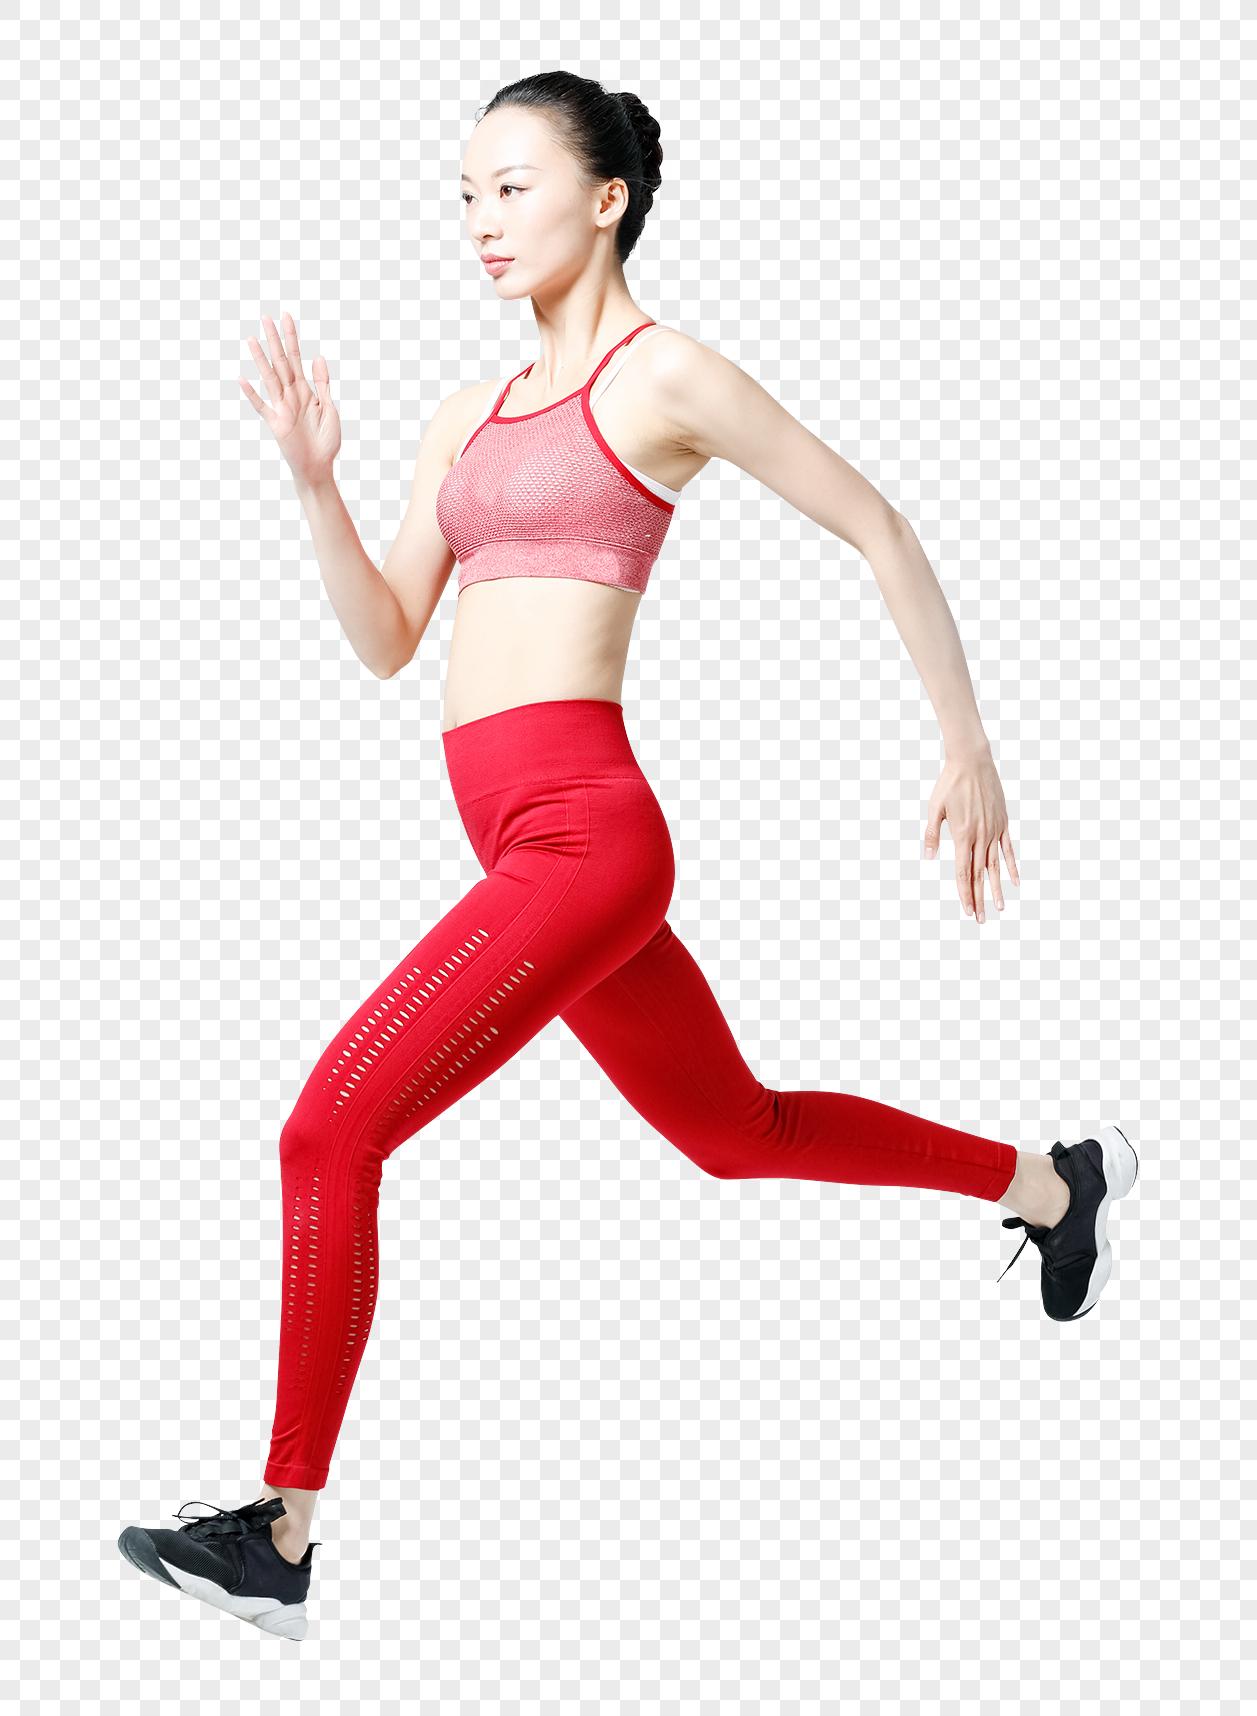 健身青春健身女性跑步冲刺背影图片